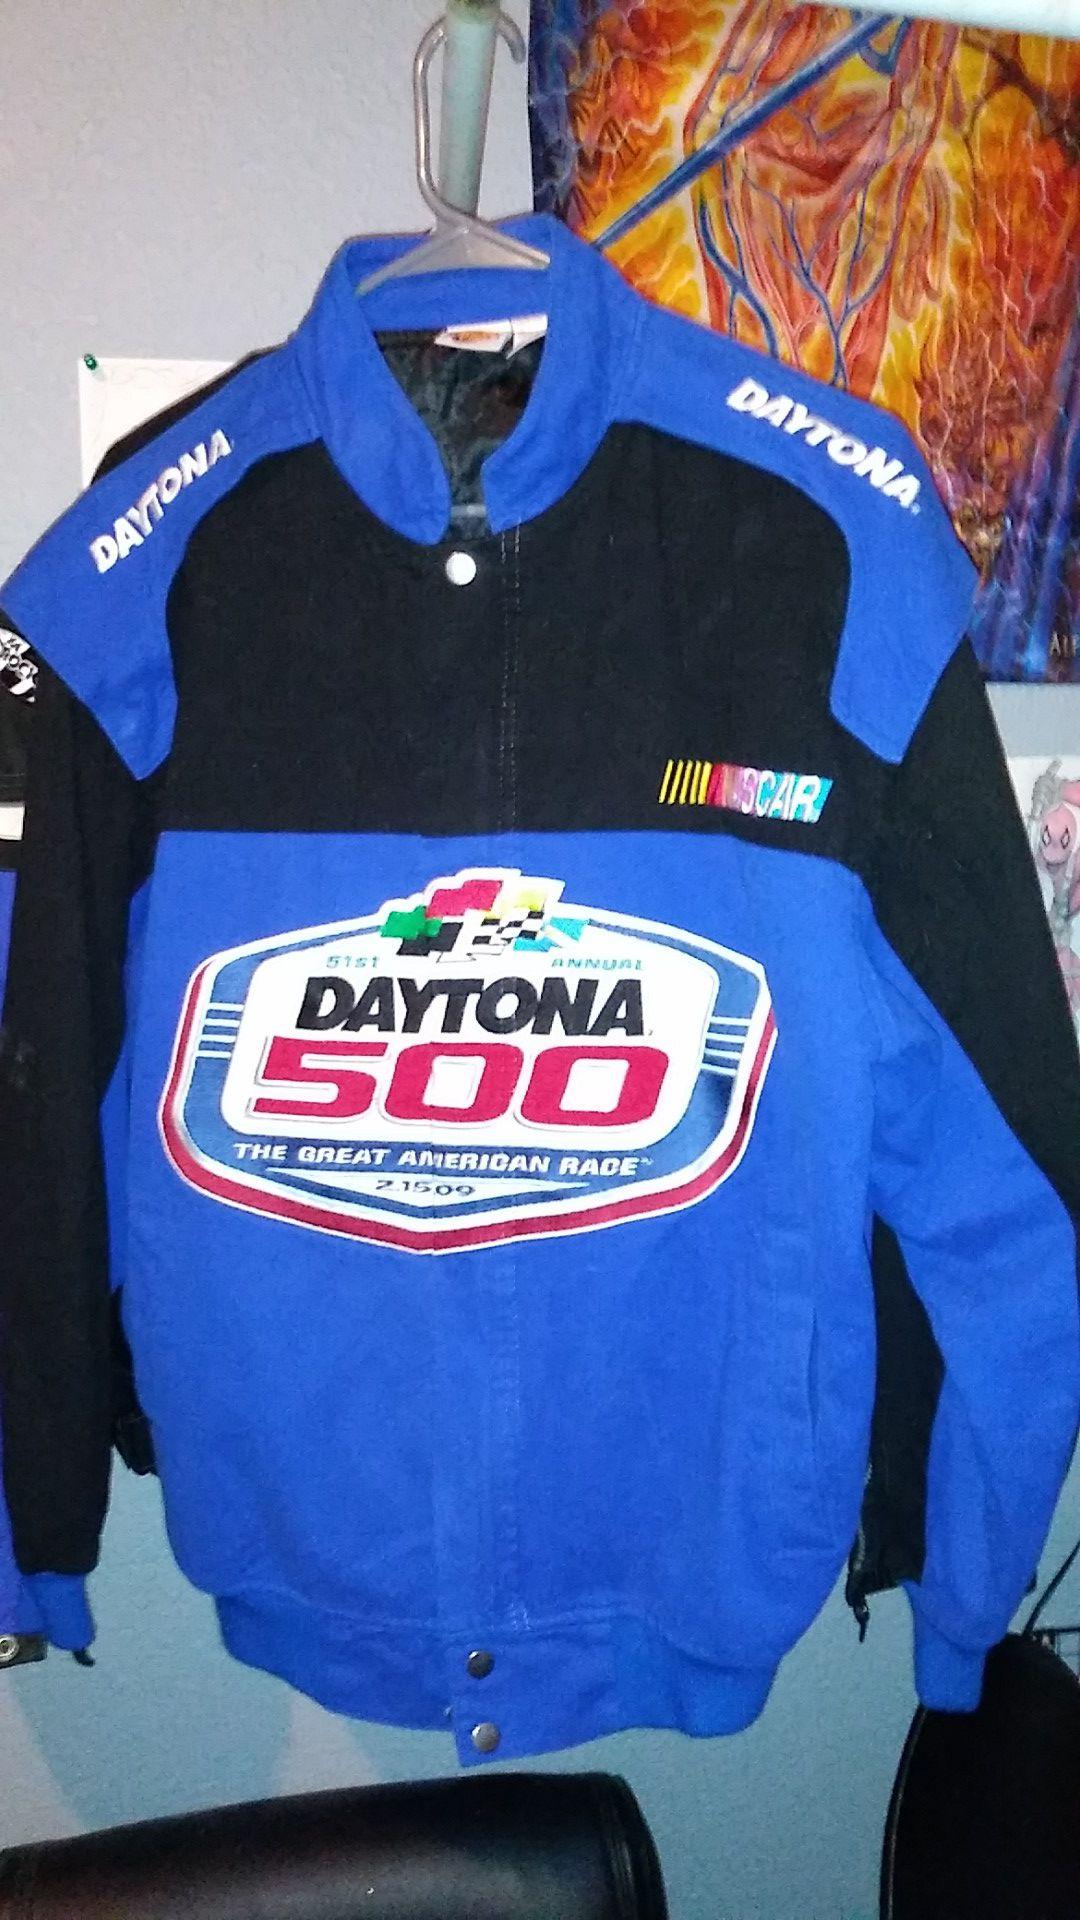 51st edition Daytona 500 jacket.